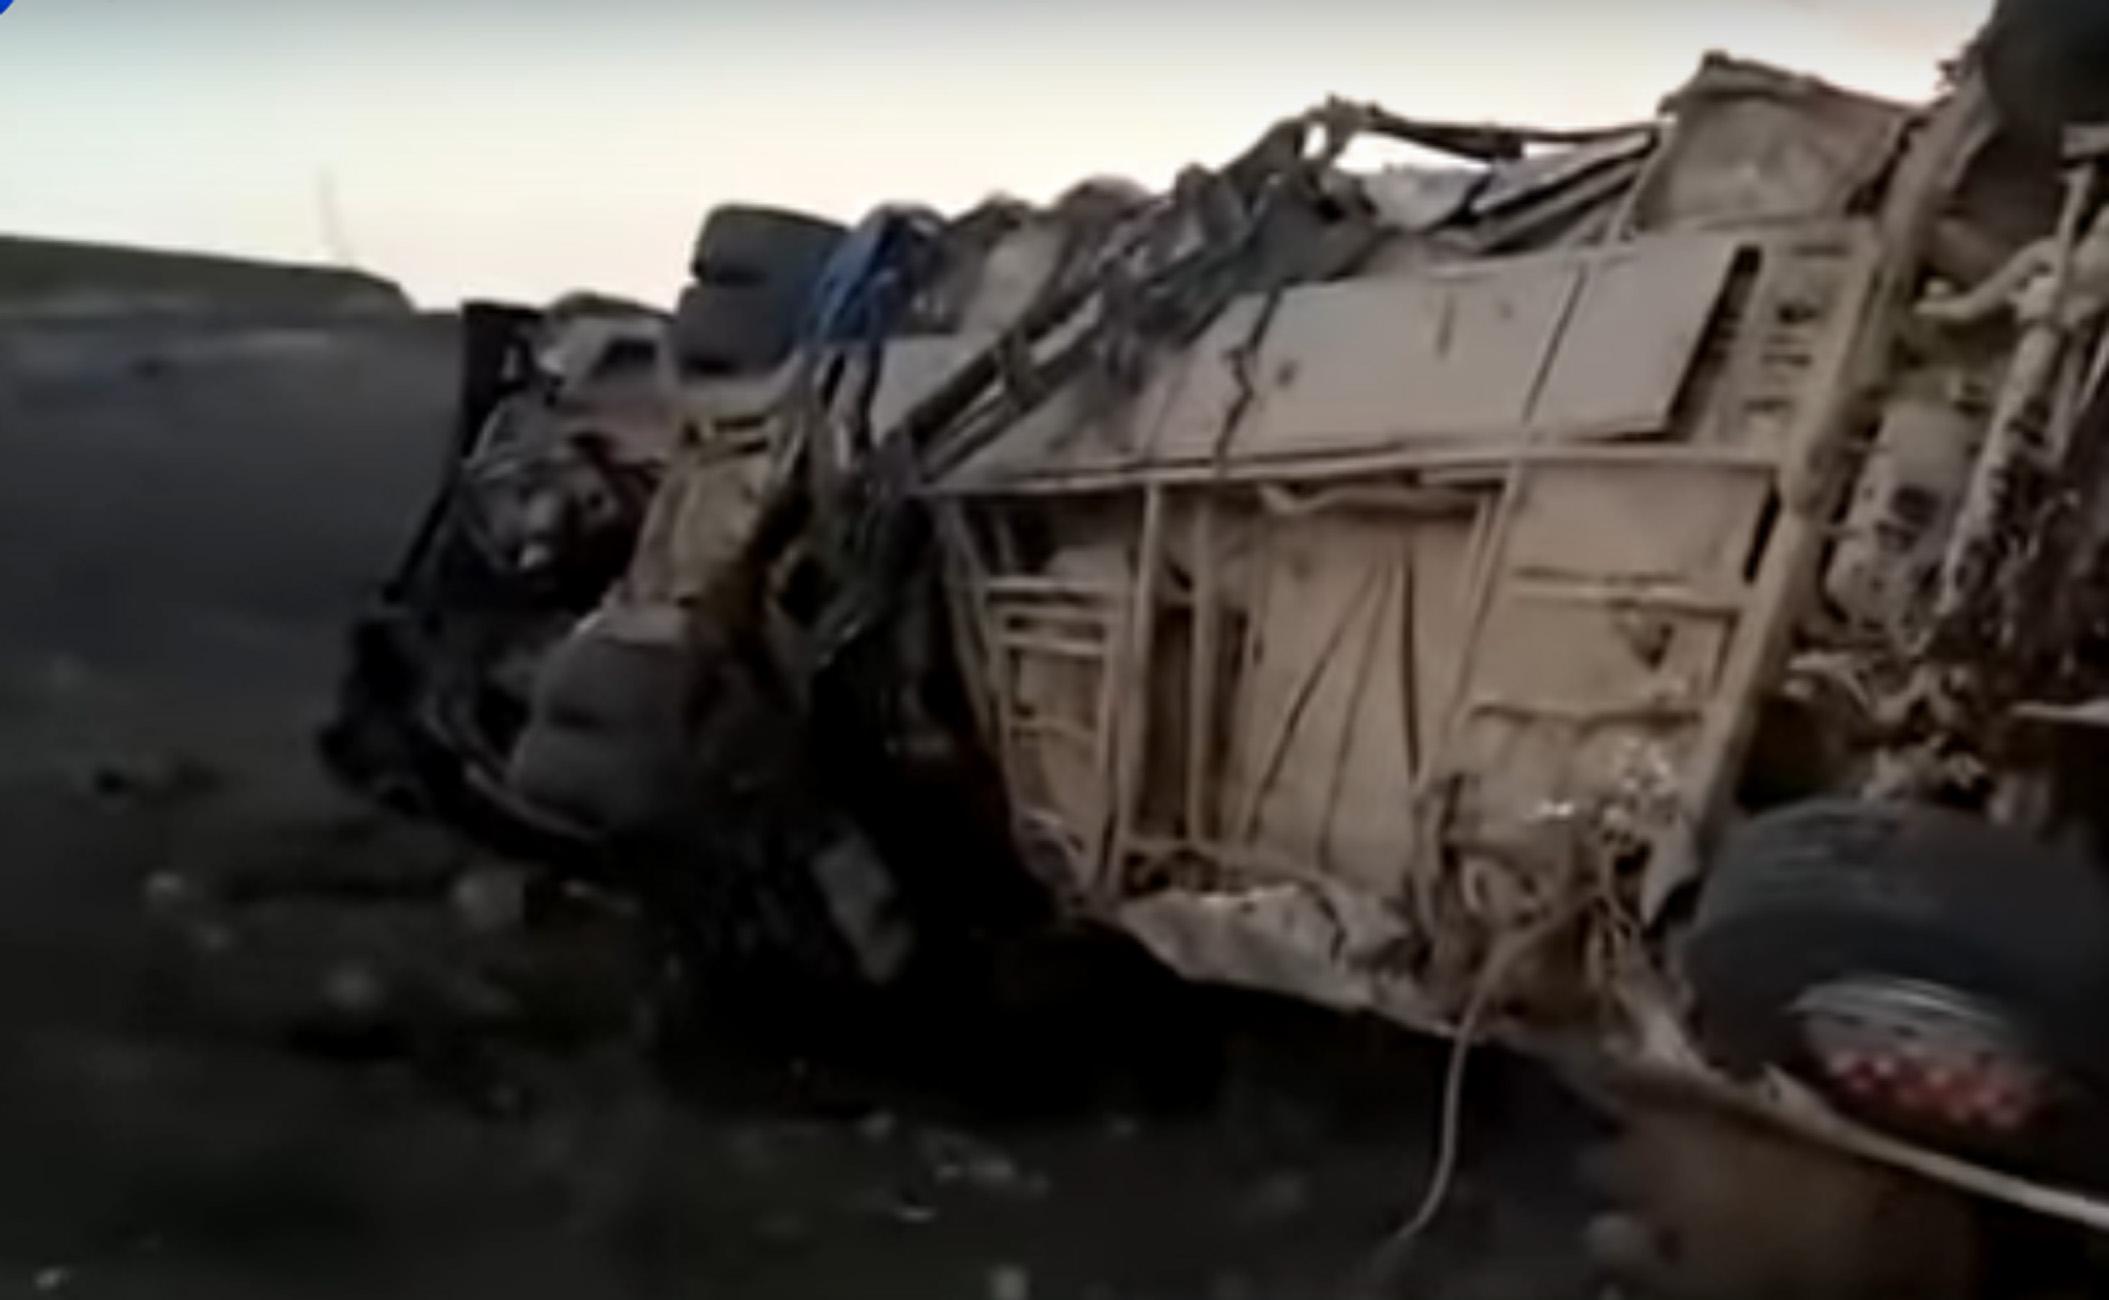 Τραγωδία στο Περού: 27 νεκροί σε τροχαίο δυστύχημα